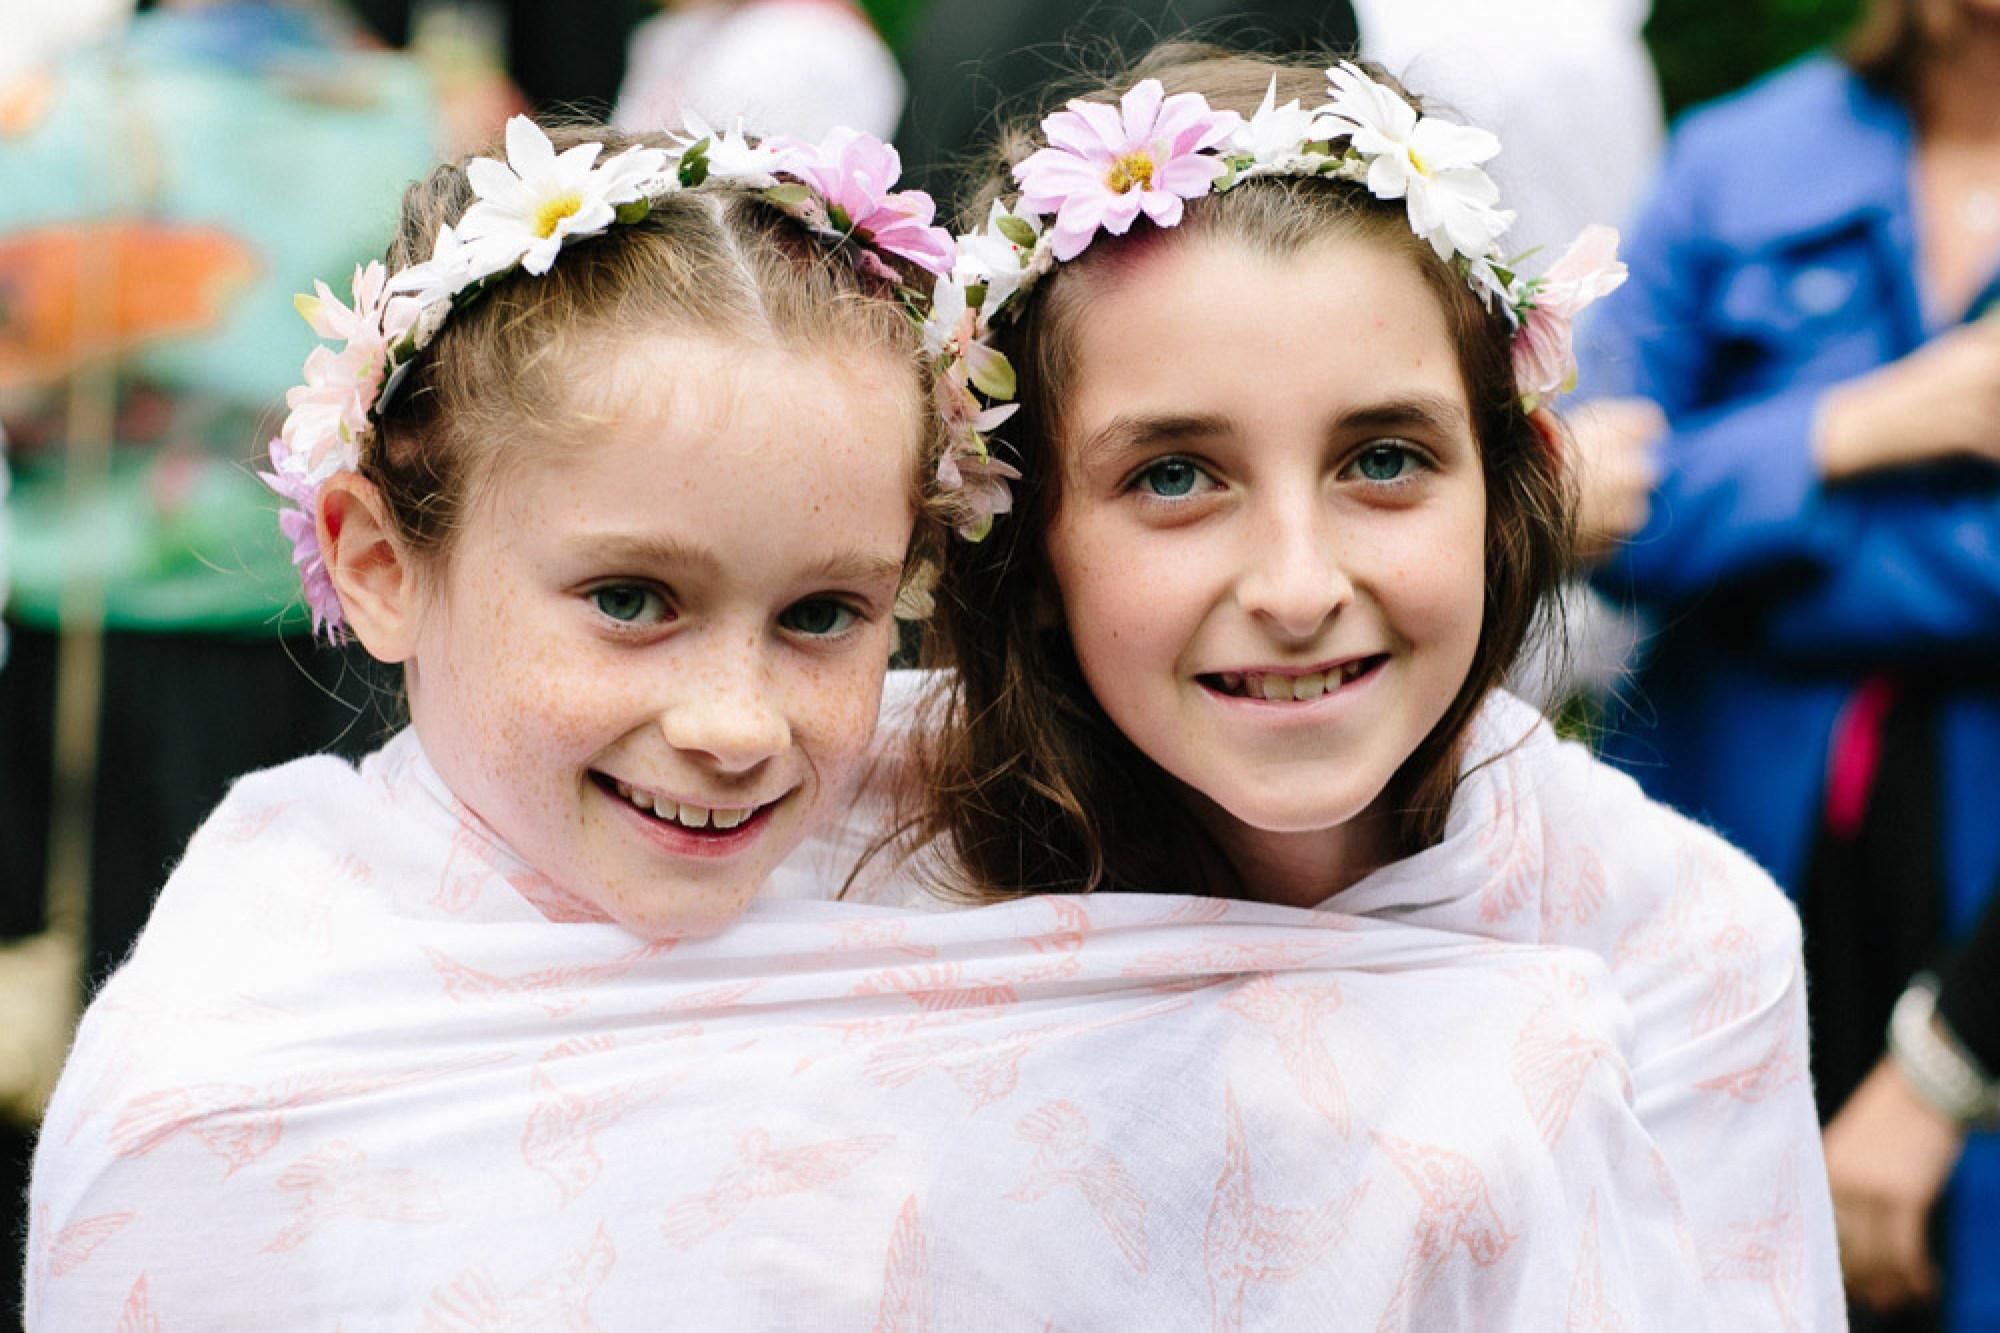 Festival wedding flower girls